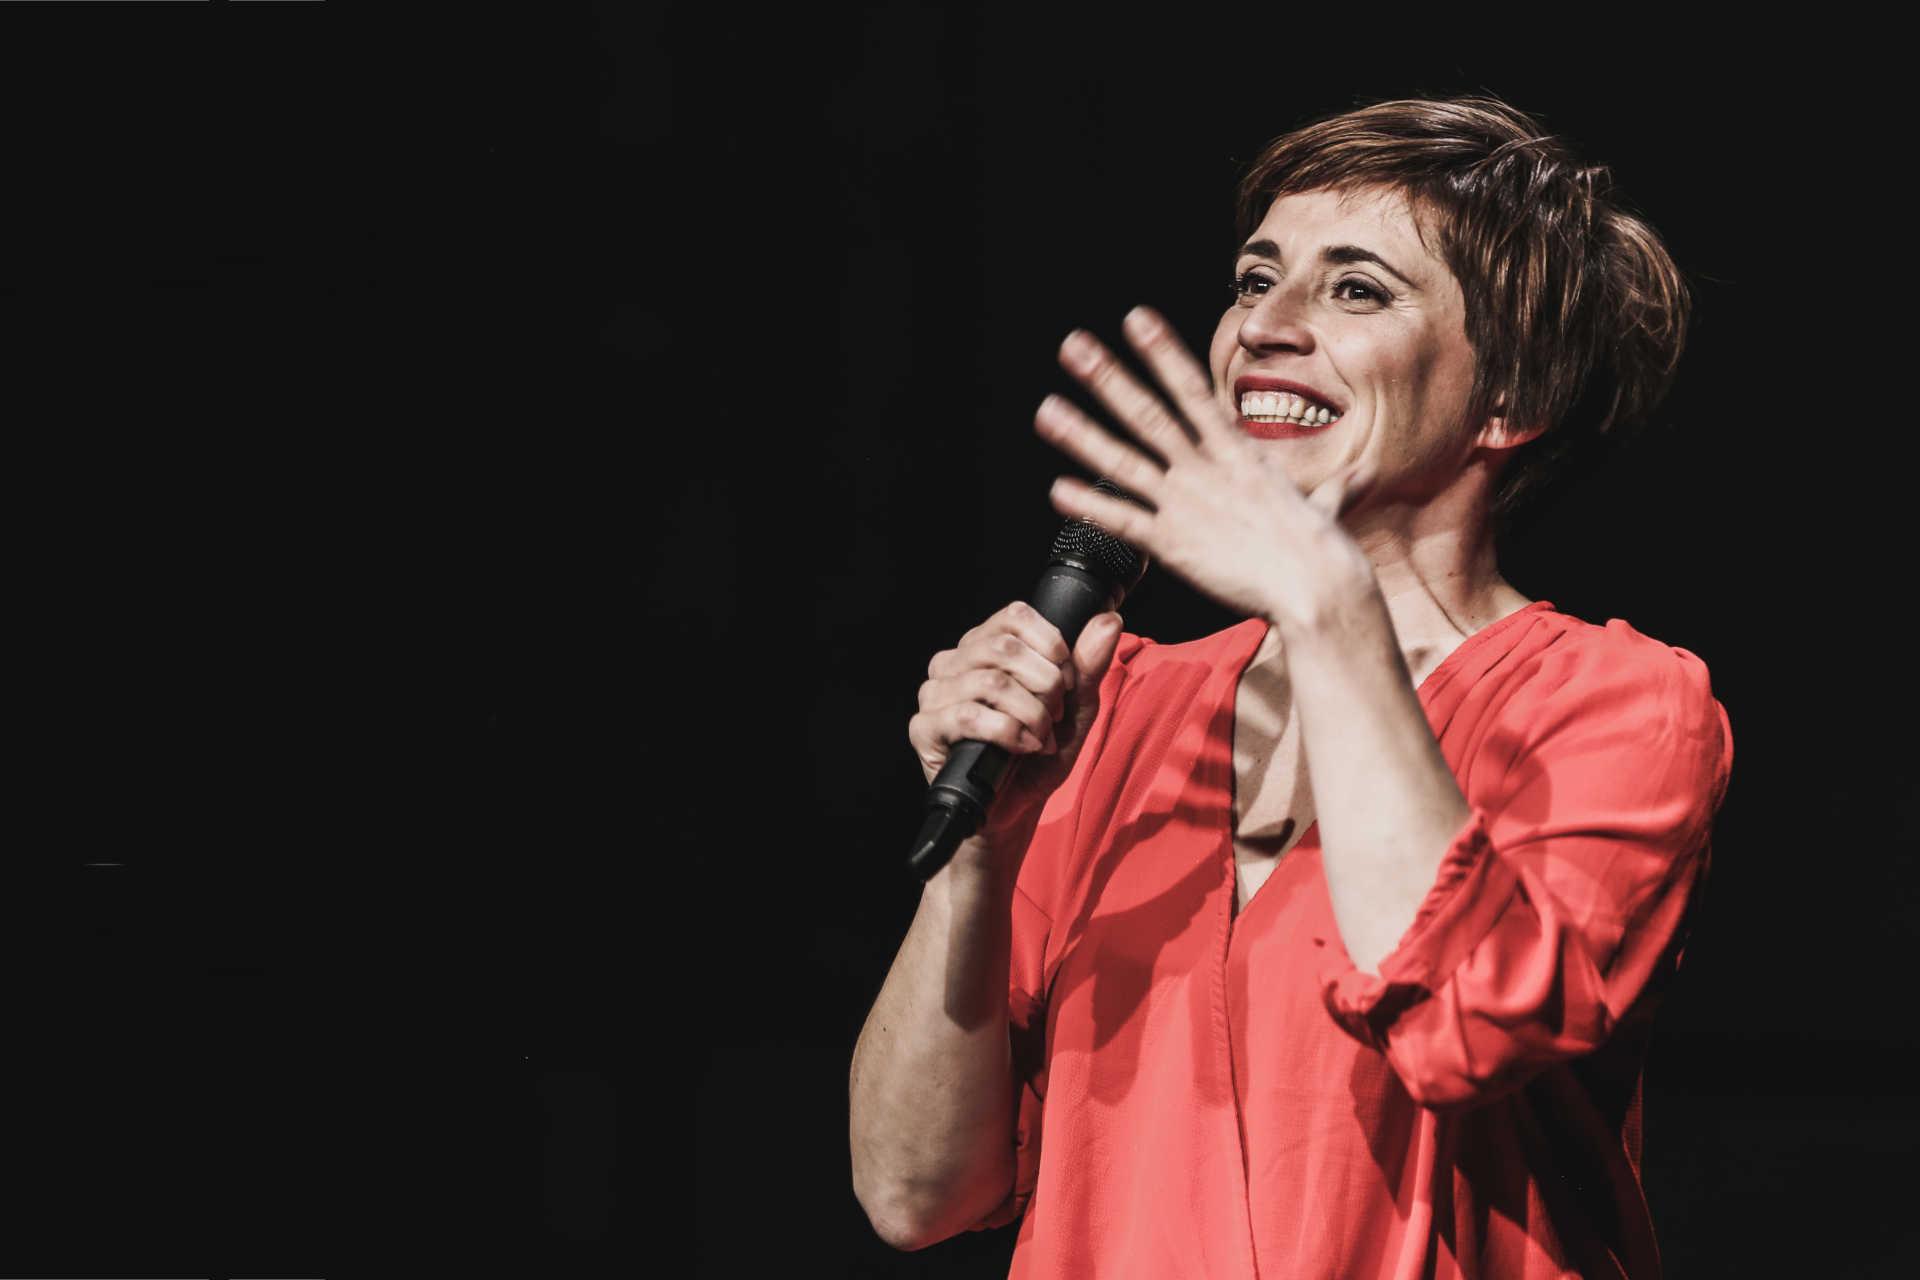 Susanne Plassmann als Moderatorin